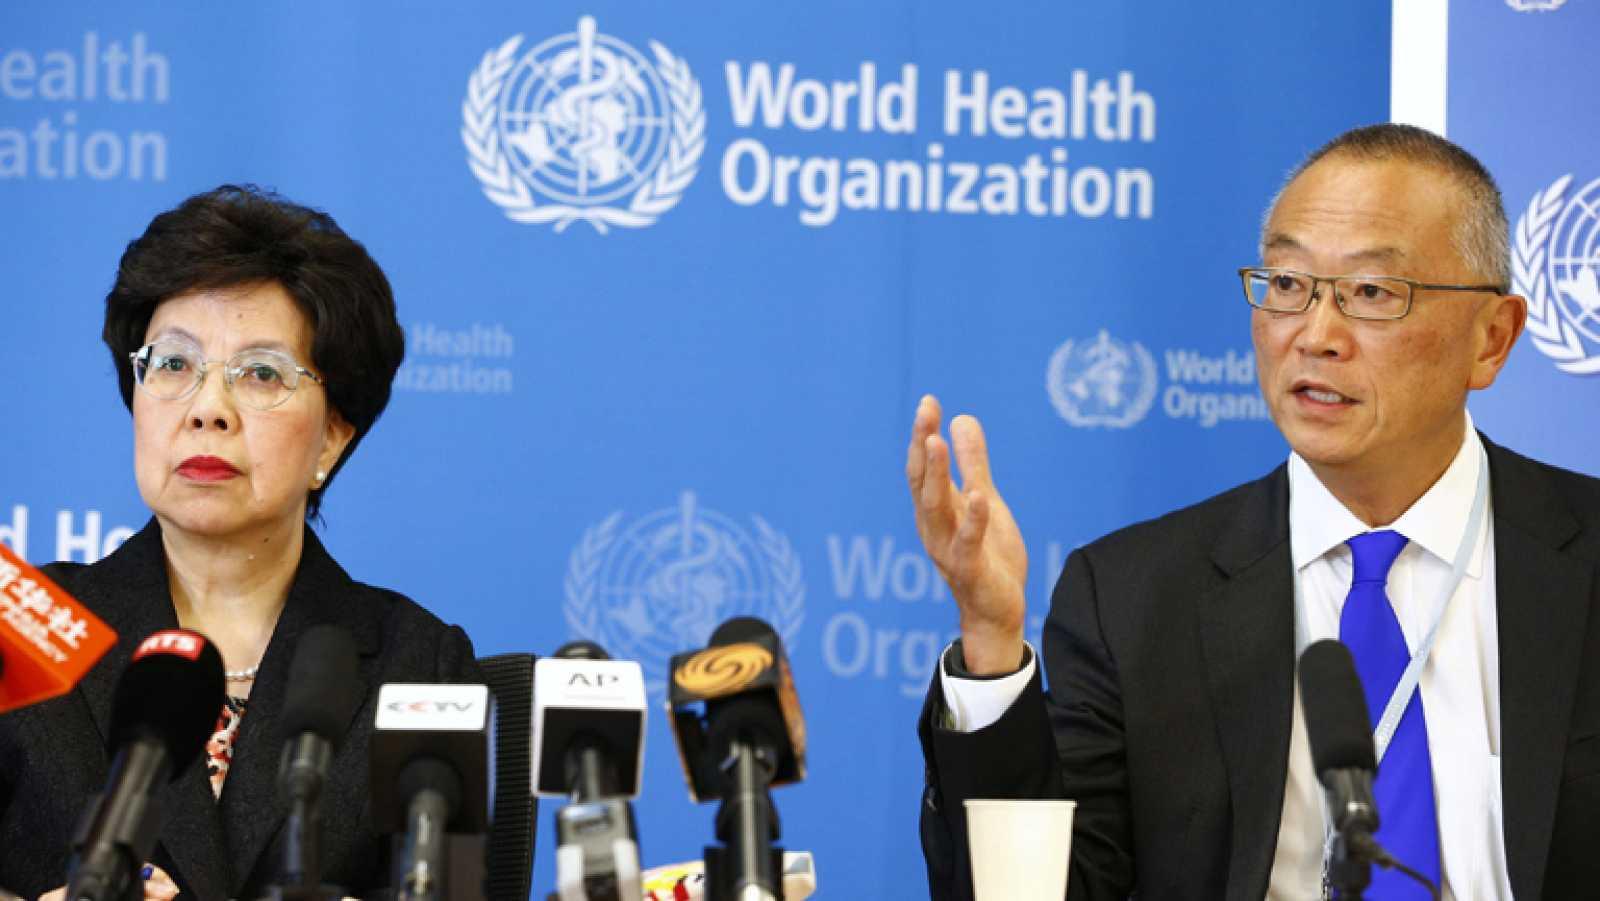 La Organización Mundial de la Salud decreta una alerta mundial por el brote de ébola